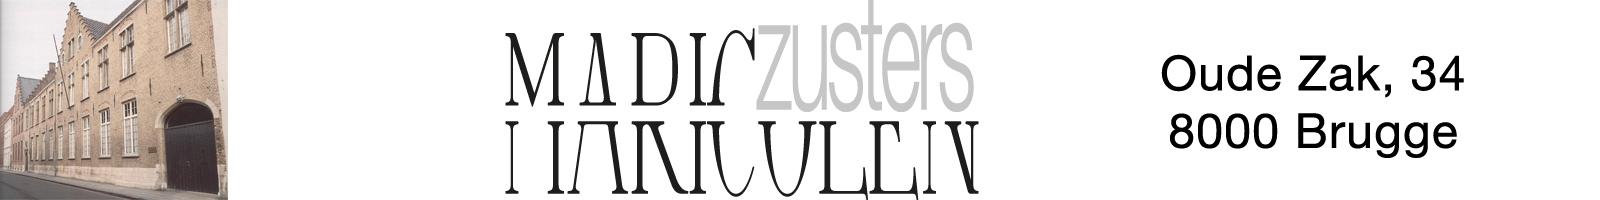 Zusters Maricolen logo